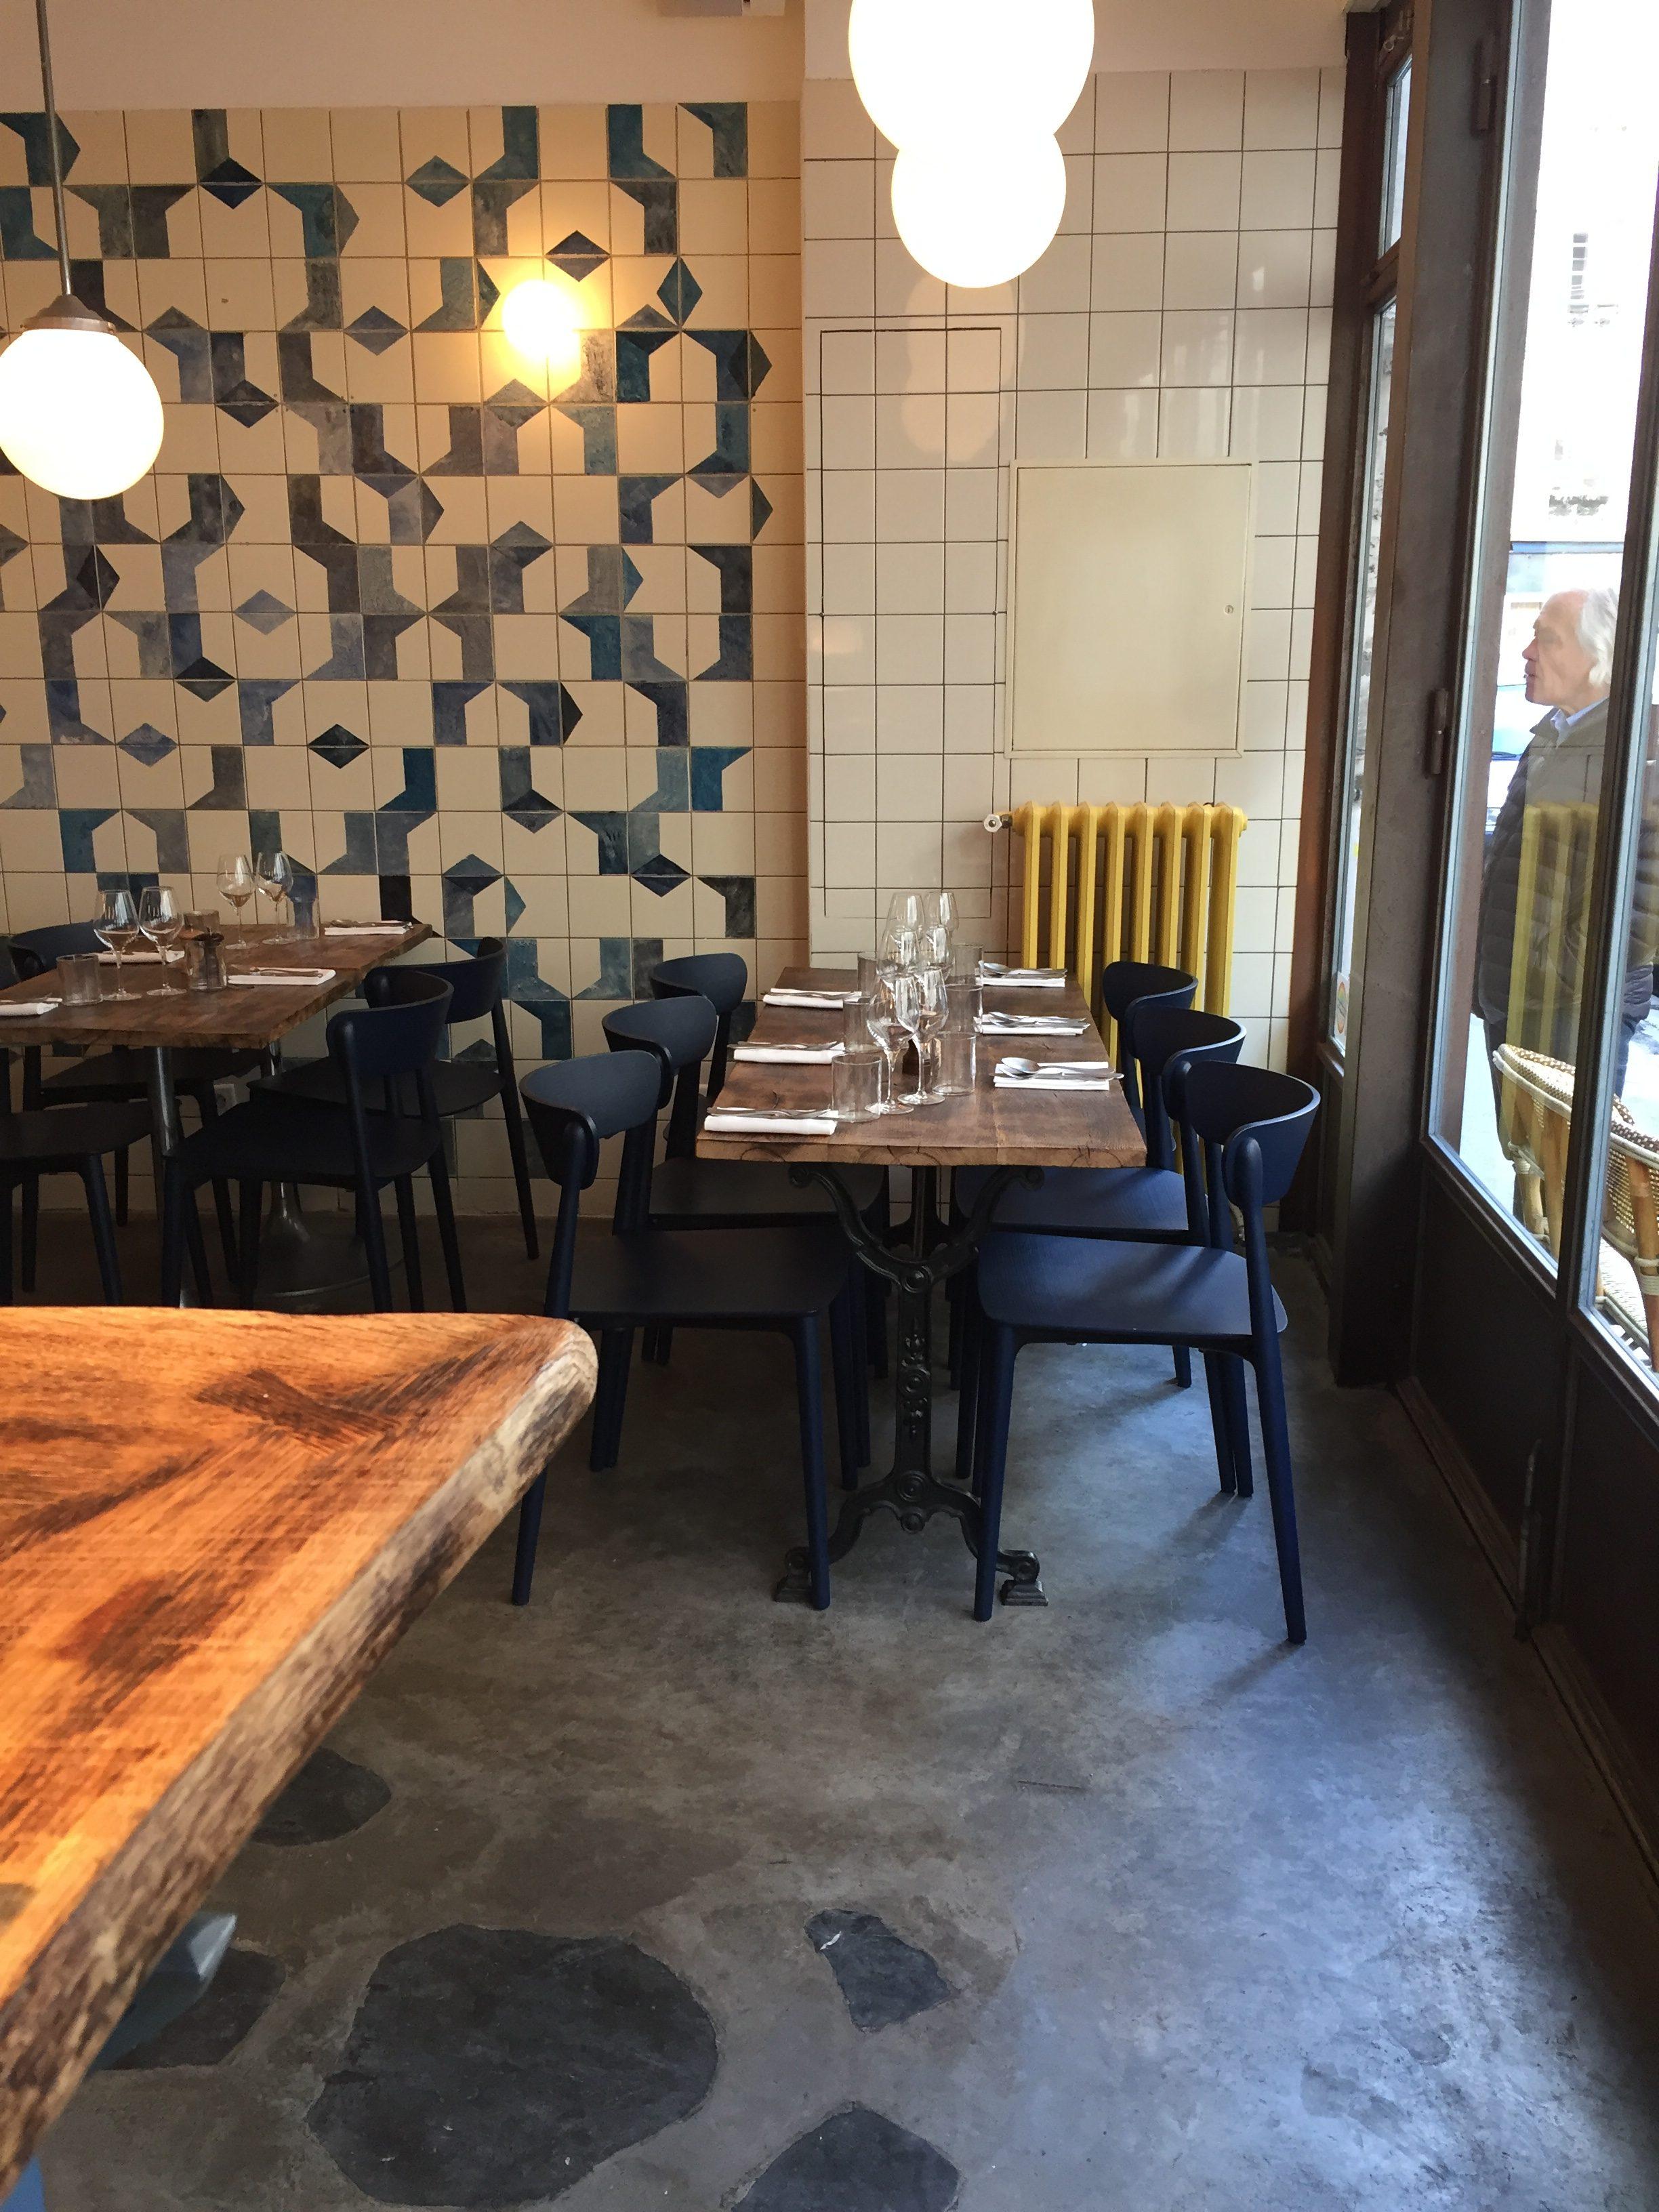 Paris belle maison mieux qu 39 une promesse simonsays - Belle maison restaurant paris ...